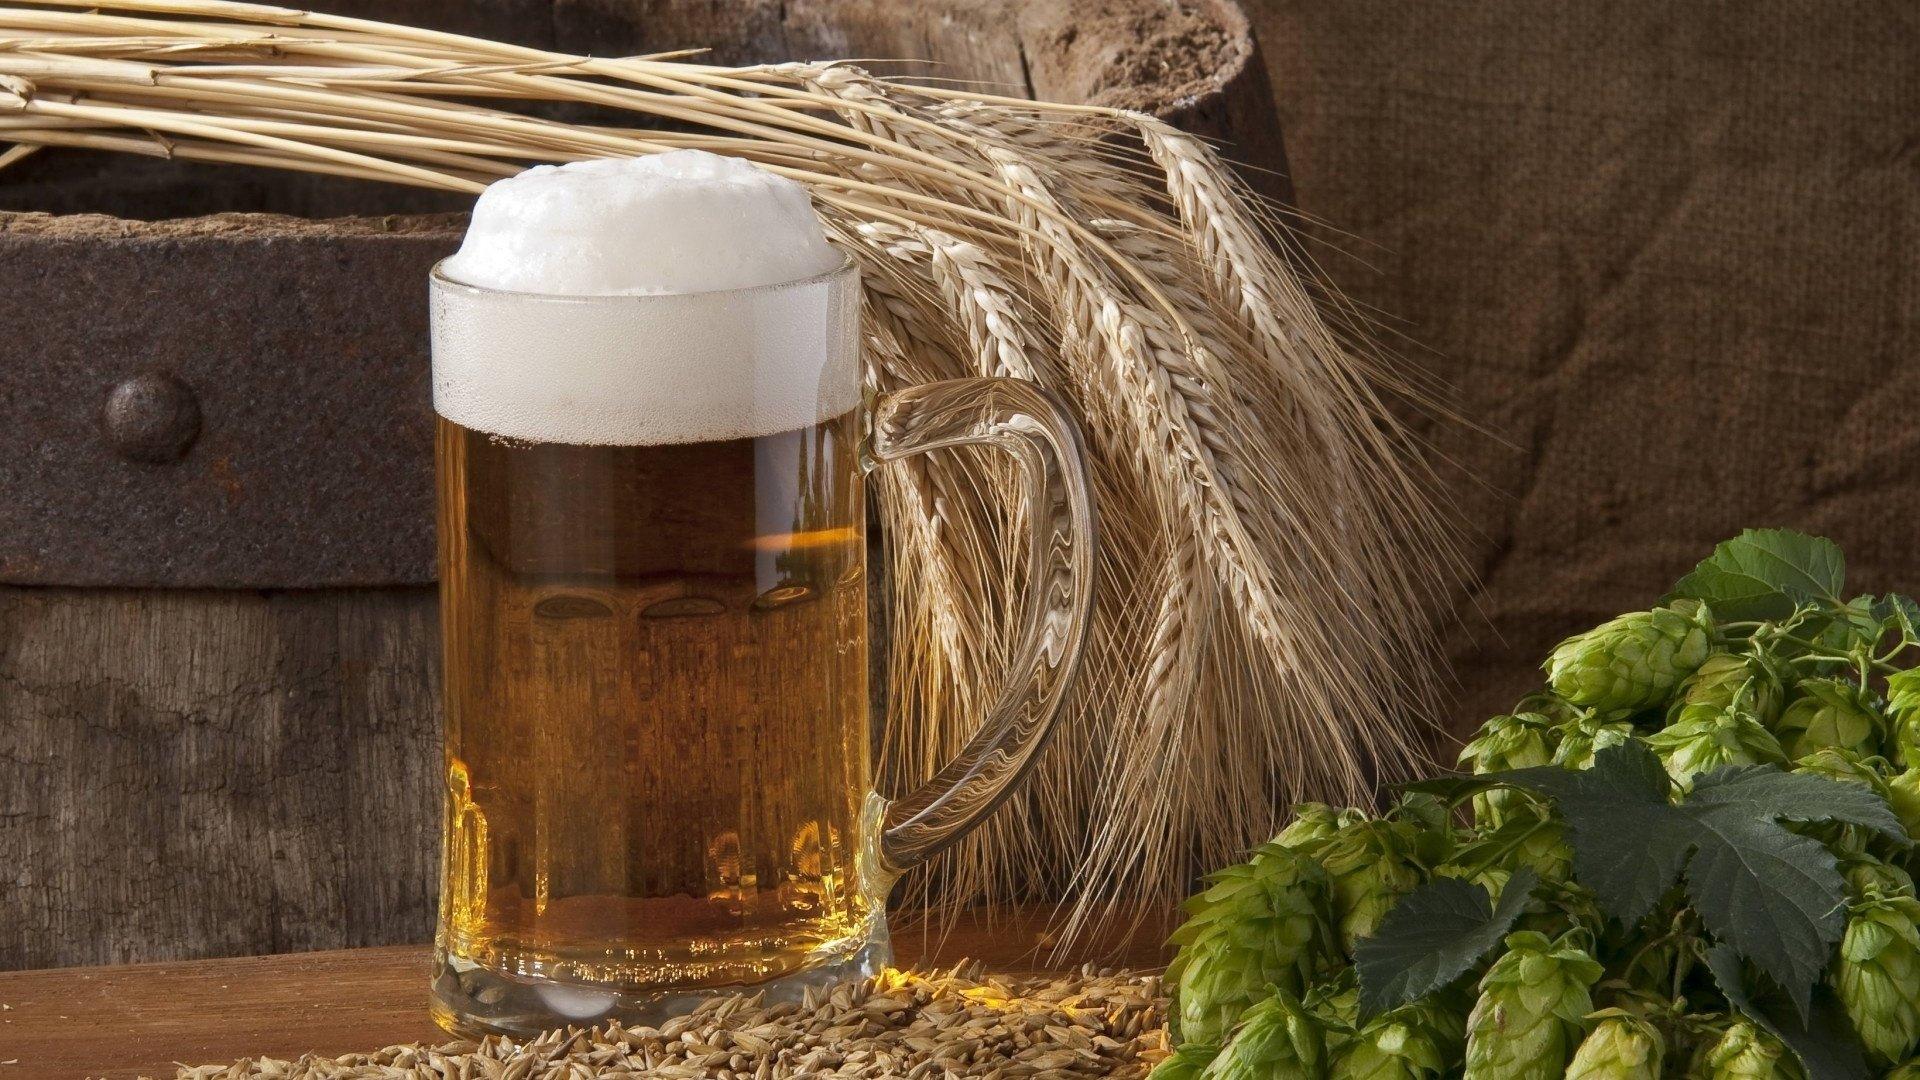 Хмелёфф - пиво в кегах, разливное пиво, живое пиво 46